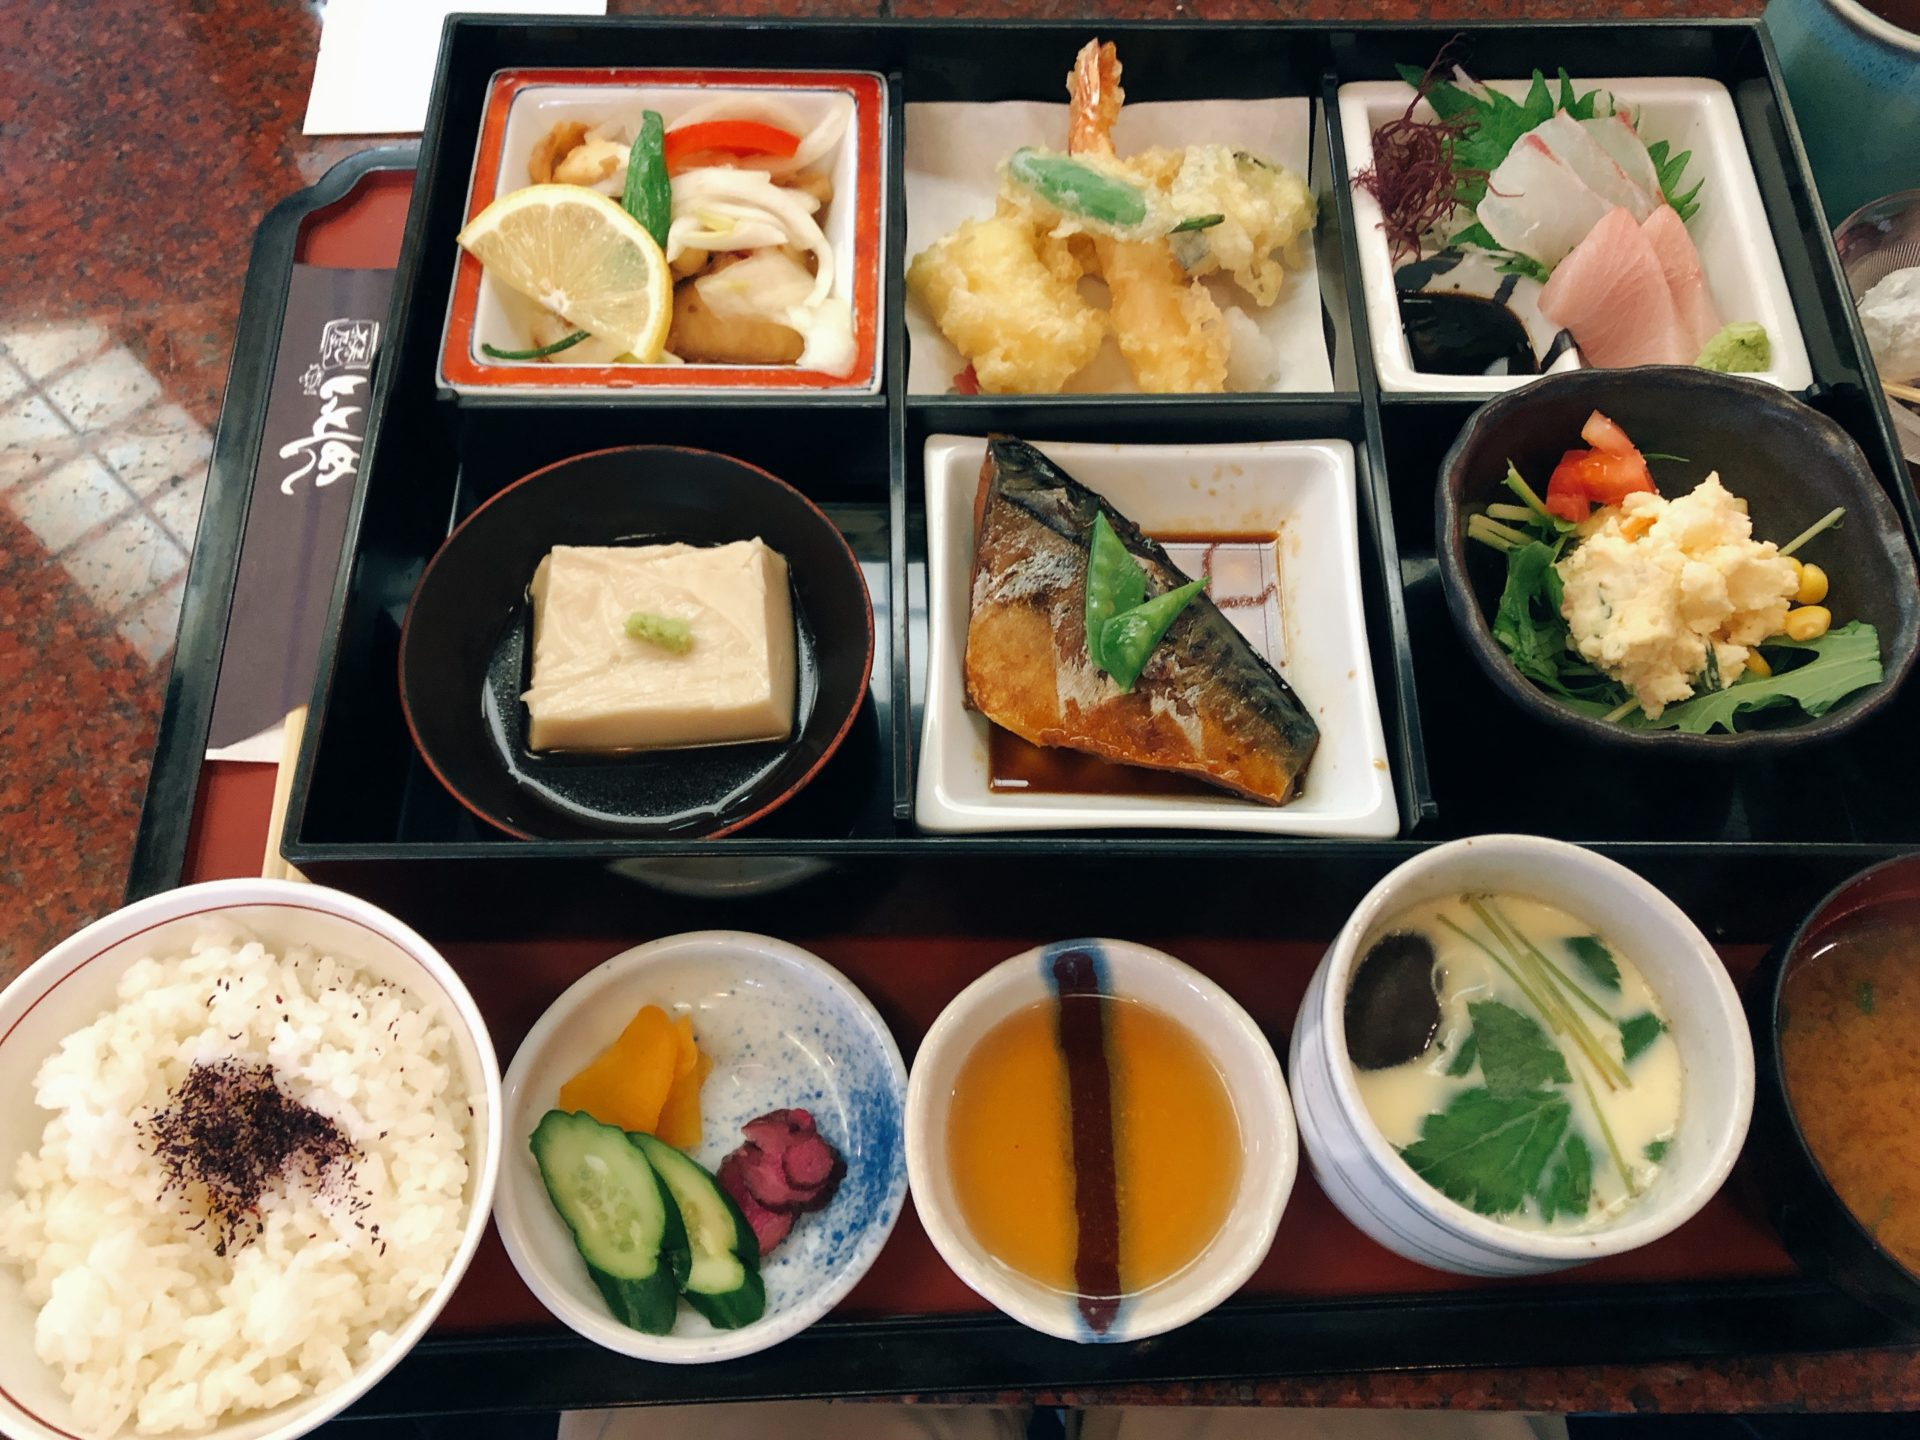 岡山市南区 海鮮料理の 寿し茶屋 とっとんめ のランチは、松華堂御膳とサービス定食が人気で、来店時は予約がおススメ!!